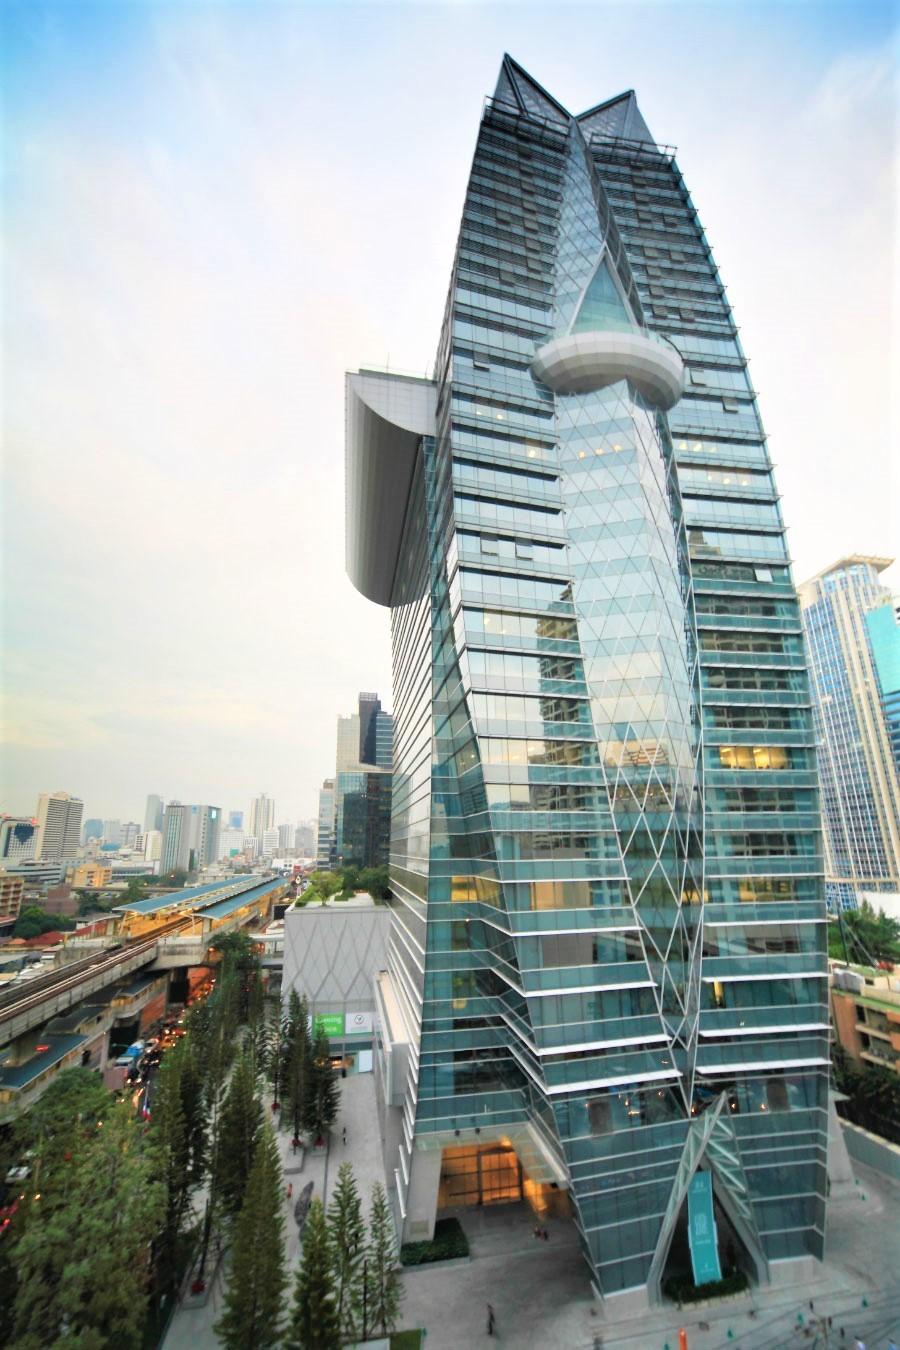 บุก Google Office  Thailand ออฟฟิศที่น่านั่งทำงานที่สุดในโลก!!!